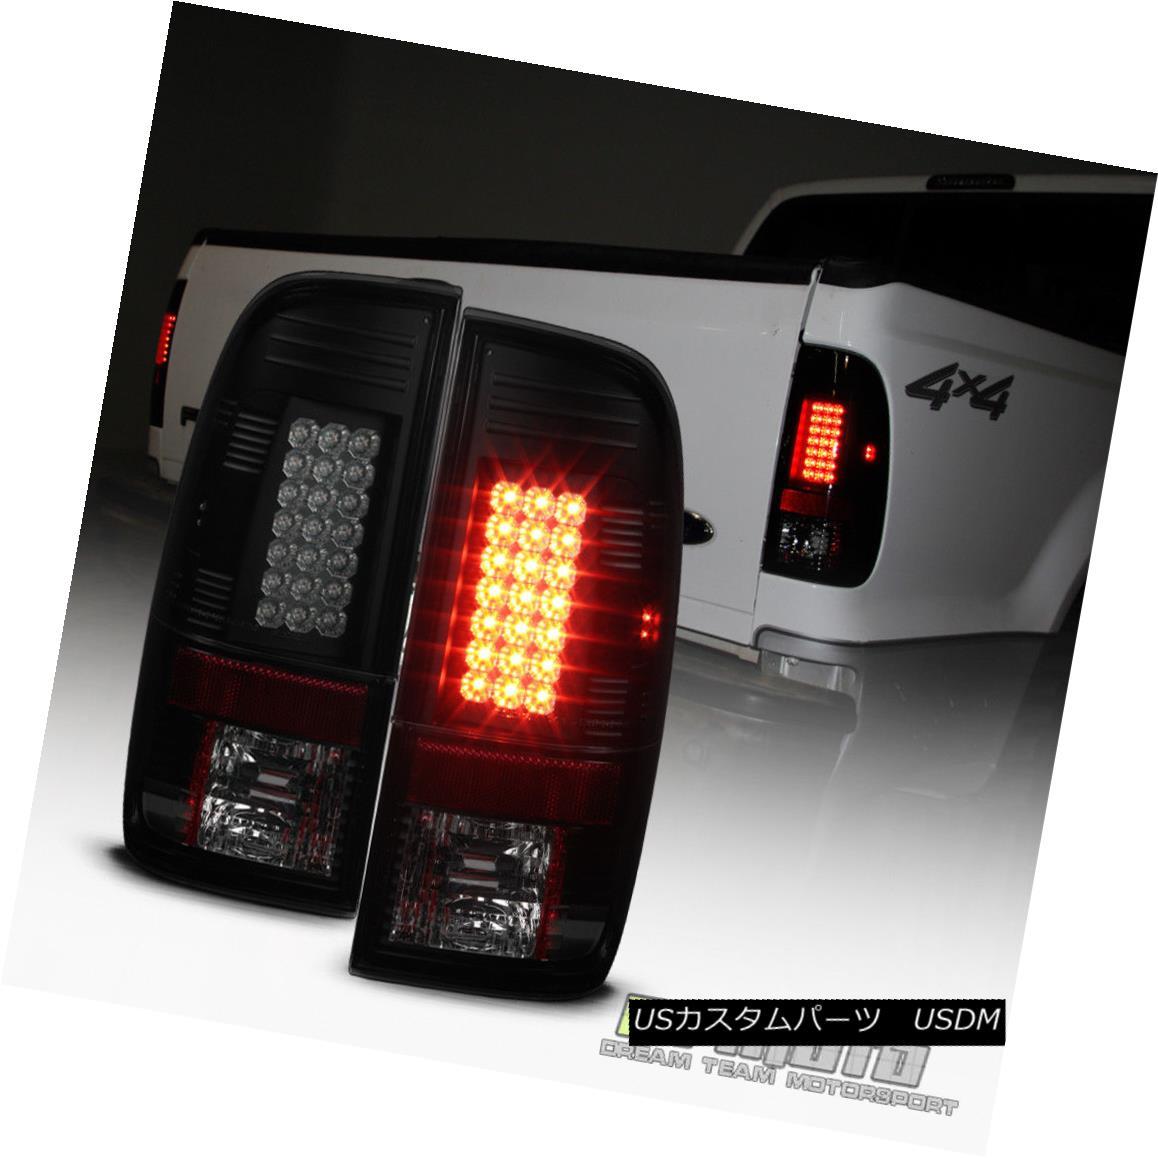 テールライト Black Smoke 1999-2007 Ford F150 F250 97-03 F150 LOBO LOBO Lamps Lumileds LED Tail Lights Lamps ブラックスモーク1999-2007 Ford F250 97-03 F150 LOBO Lumileds LEDテールライトランプ, イマバリシ:736c9462 --- officewill.xsrv.jp